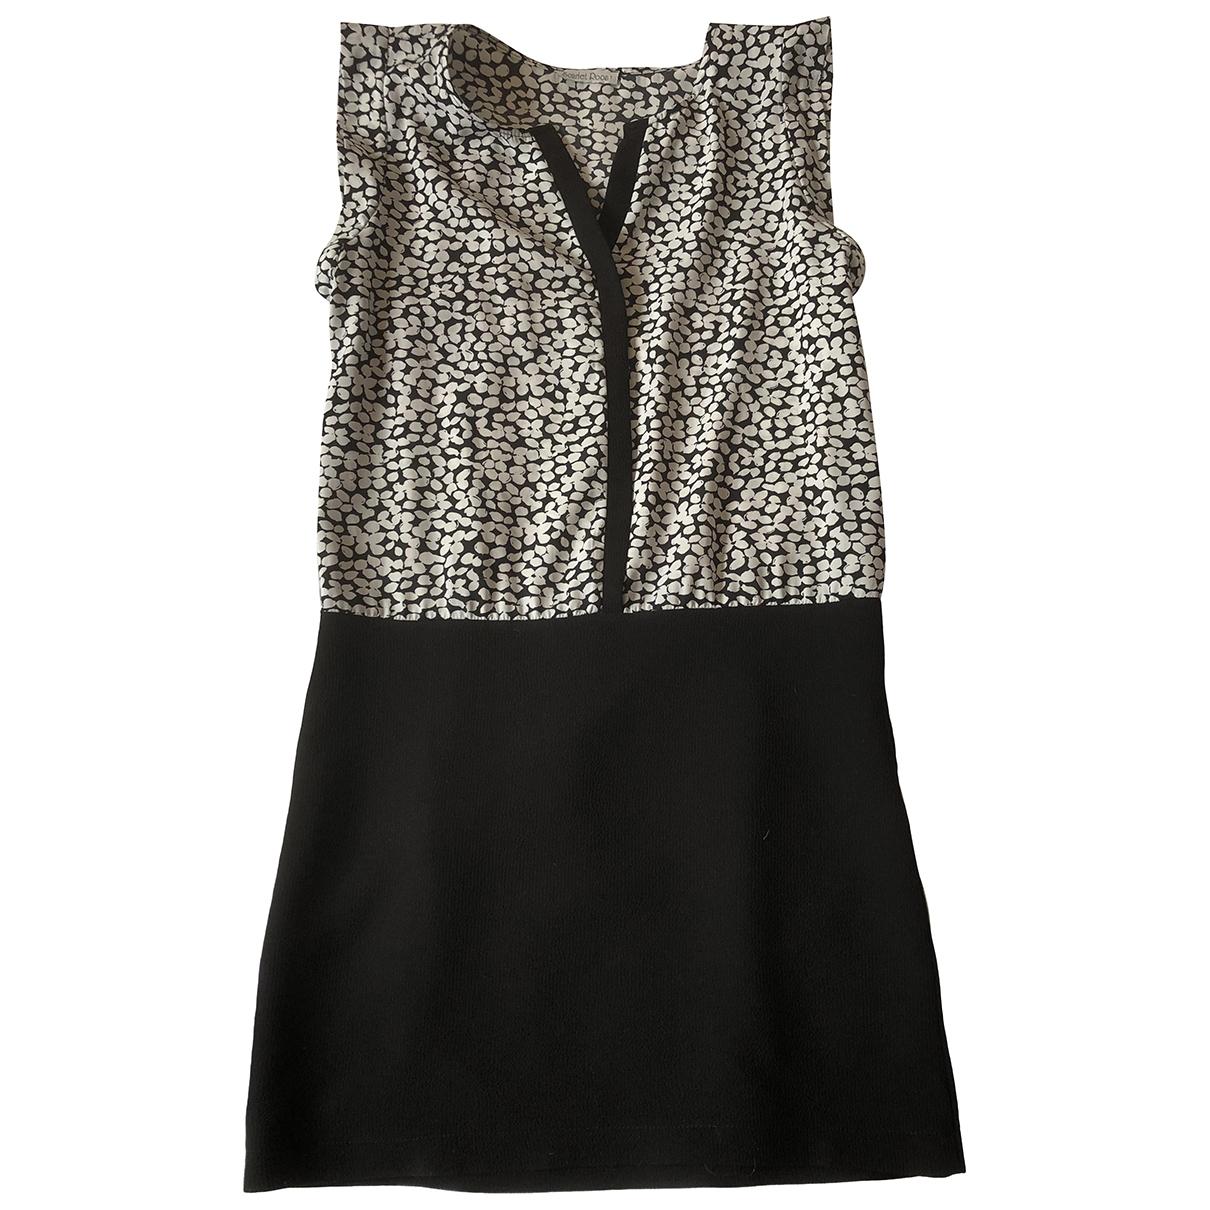 Scarlett Roos \N White dress for Women 36 FR